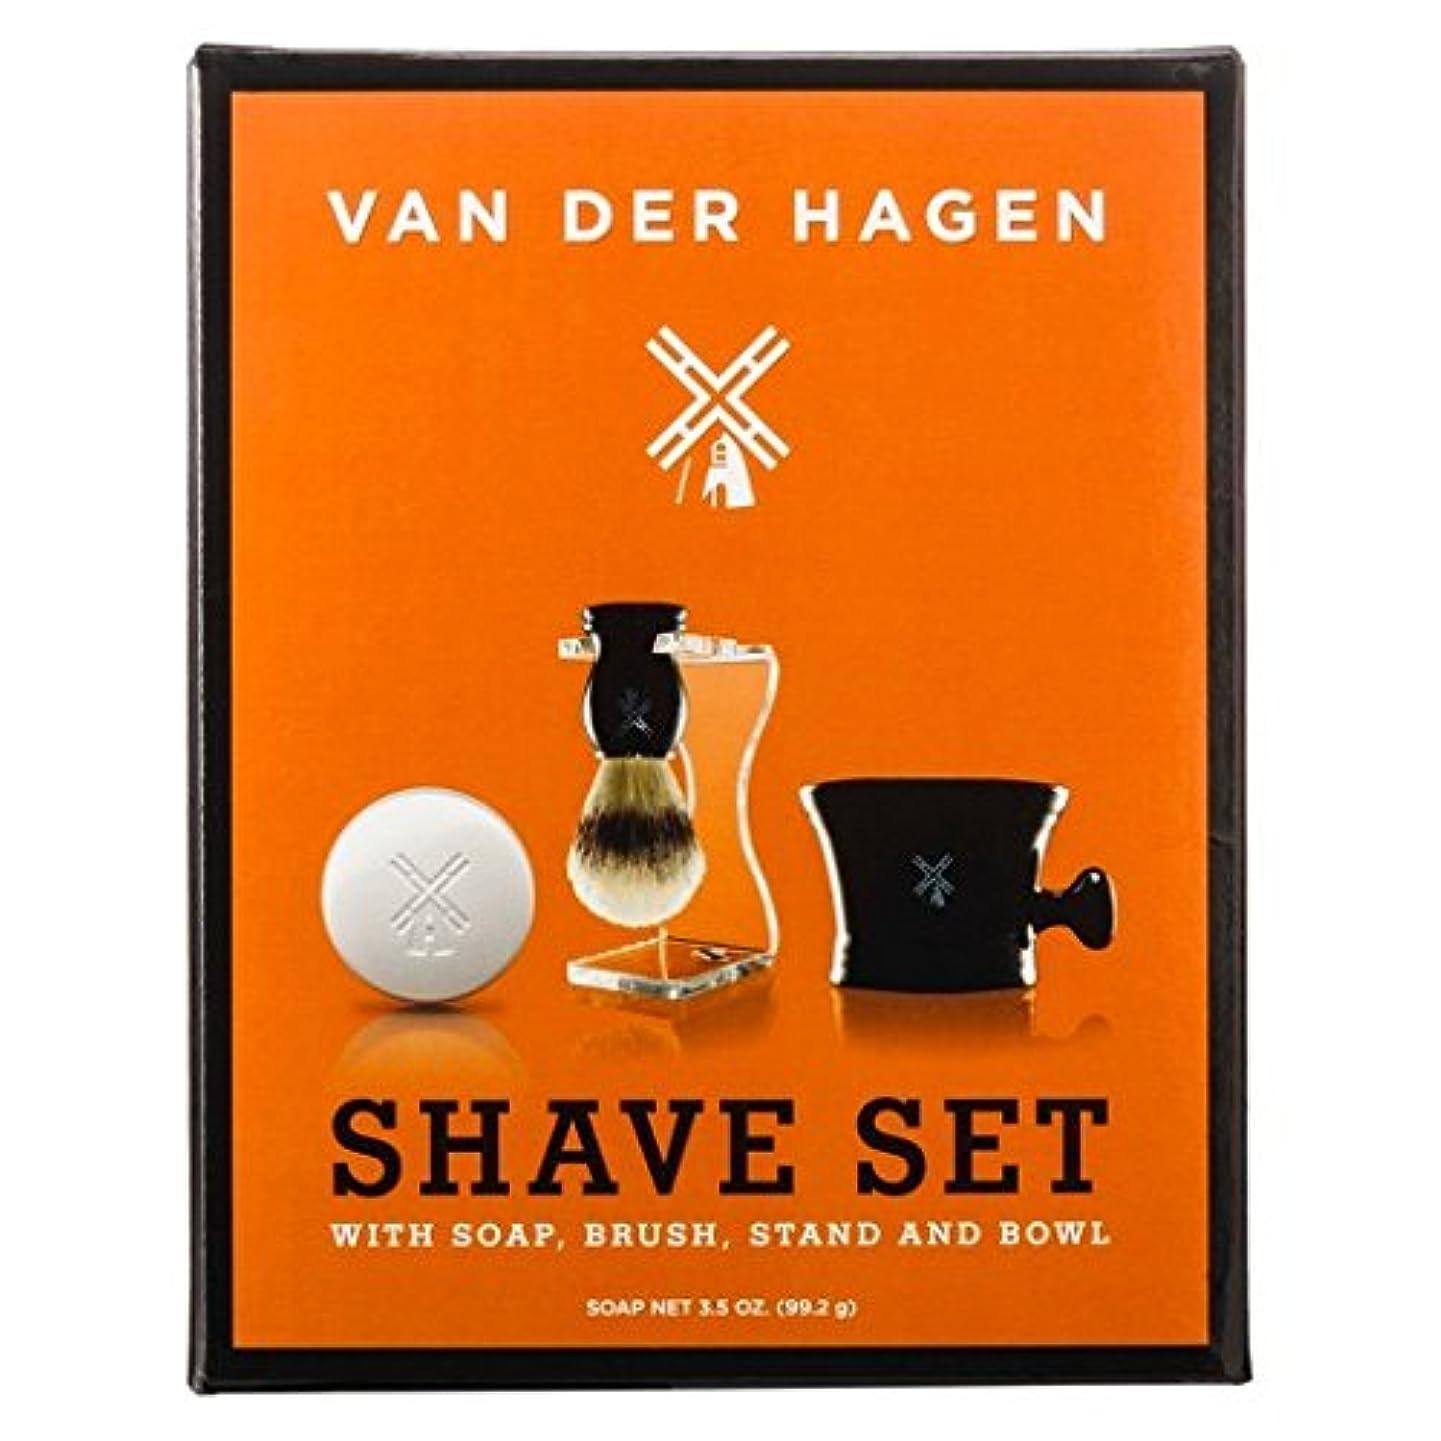 橋脚出血繊細Van der Hagen Premium 4 Piece Shave Set ファンデルハーゲンプレミアム4ピースシェーブセット [並行輸入品]